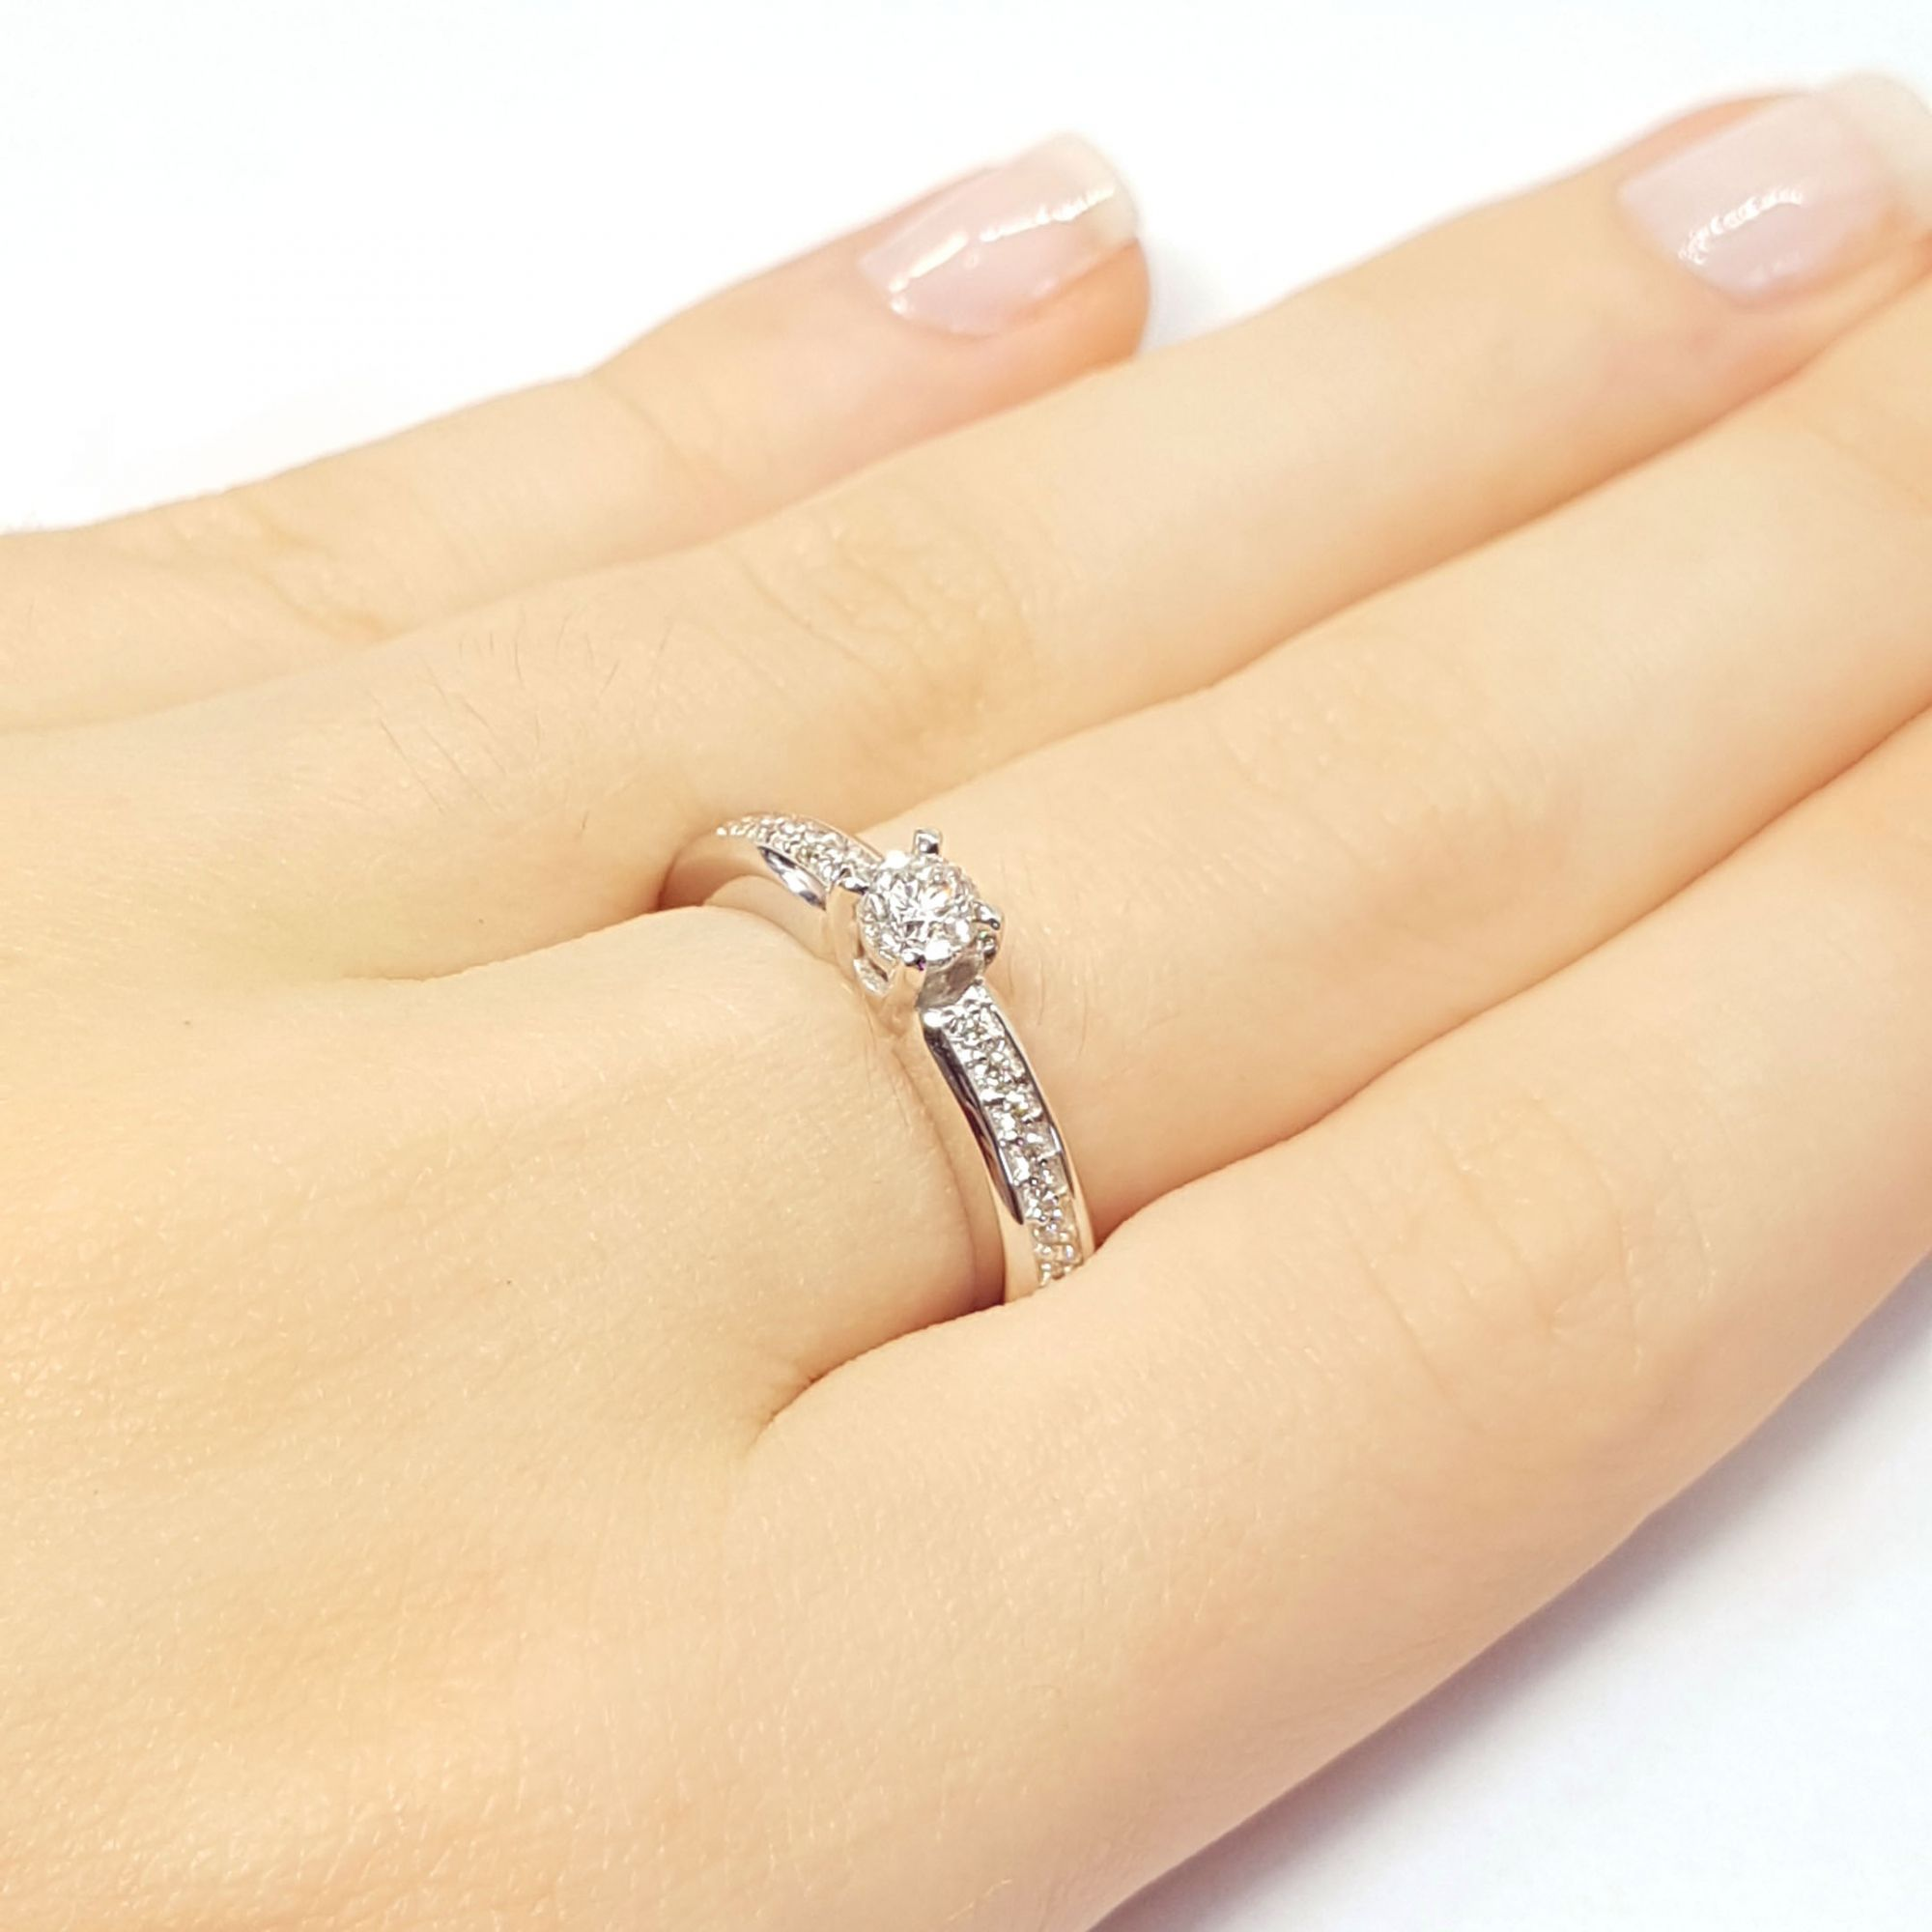 ... Anel Solitário Ouro 18k com Diamantes e Diamante Central de 28 pontos 86f5f43849